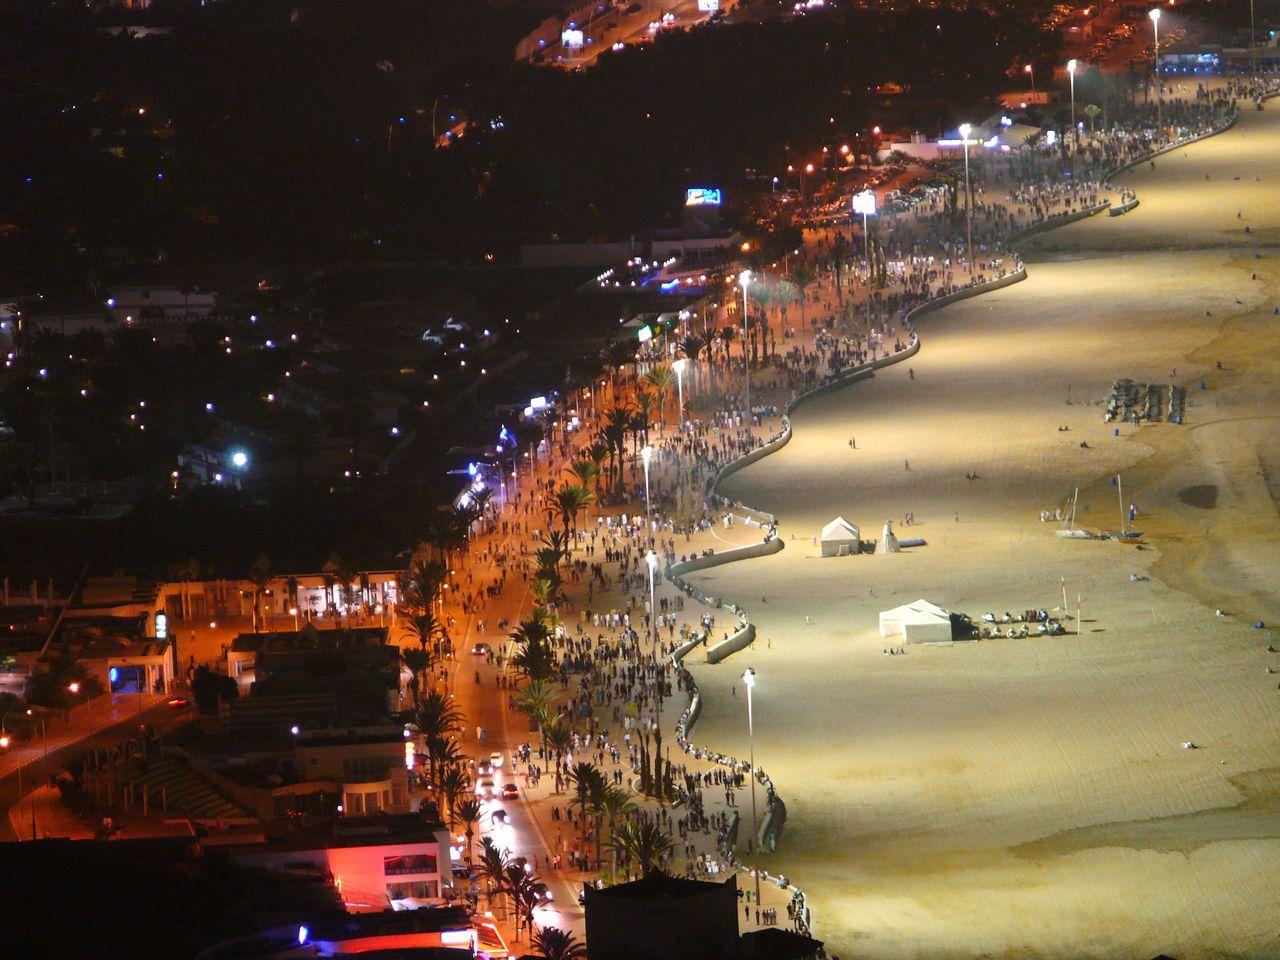 Eclairage de la plage d agadir la nuit positif mais l for Piscine eclairee la nuit